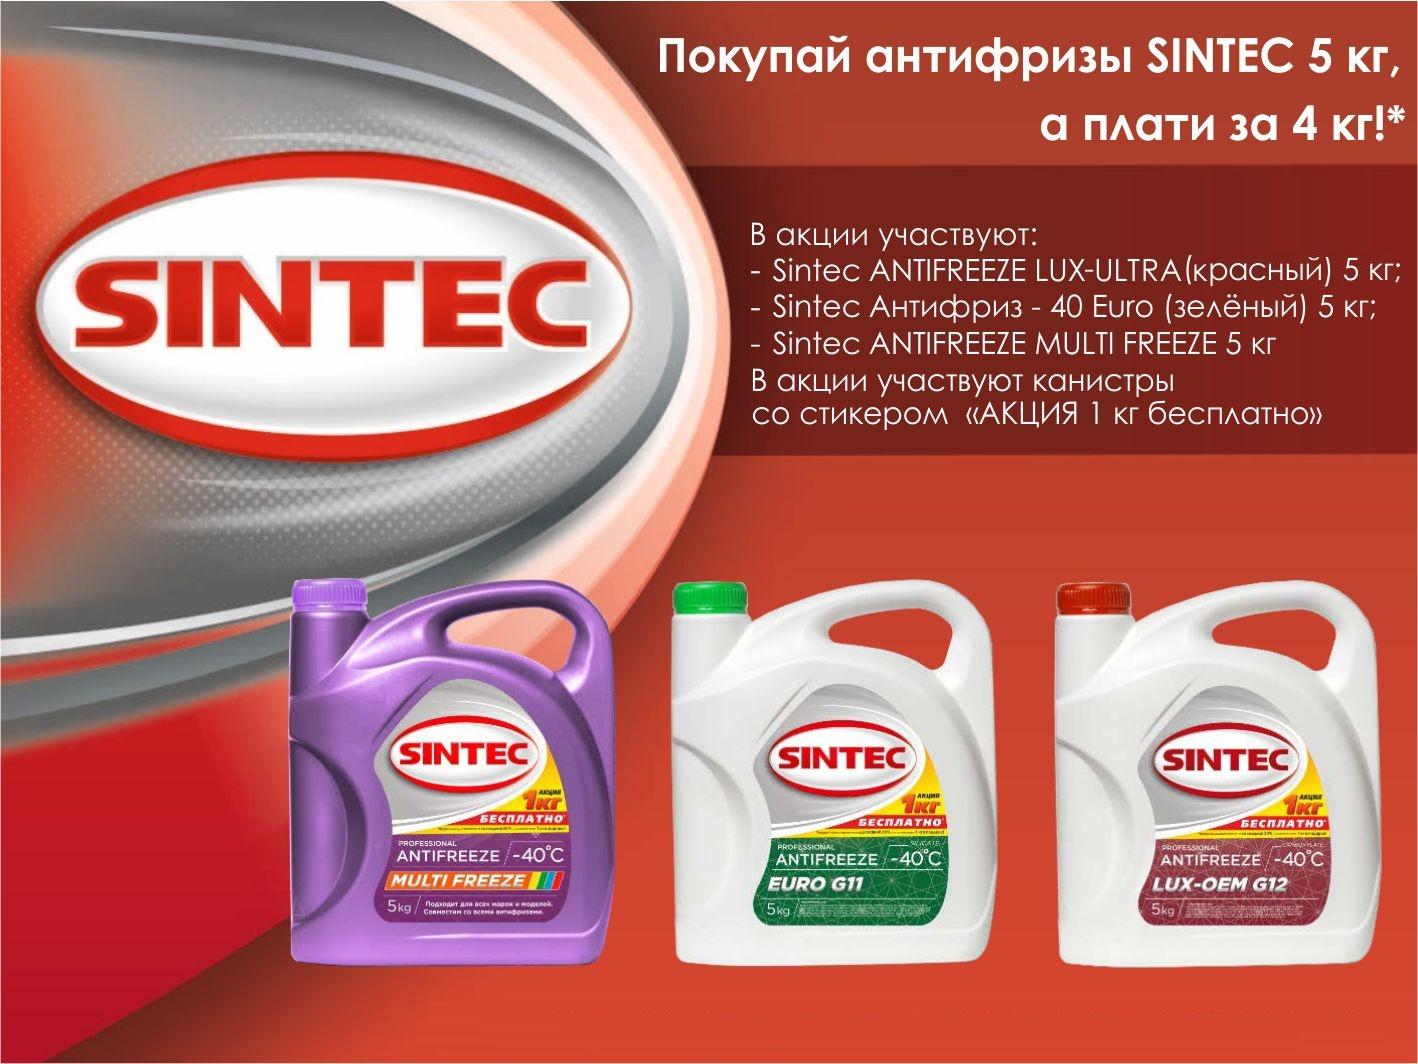 Покупай антифриз SINTEC 5кг по цене 4кг!